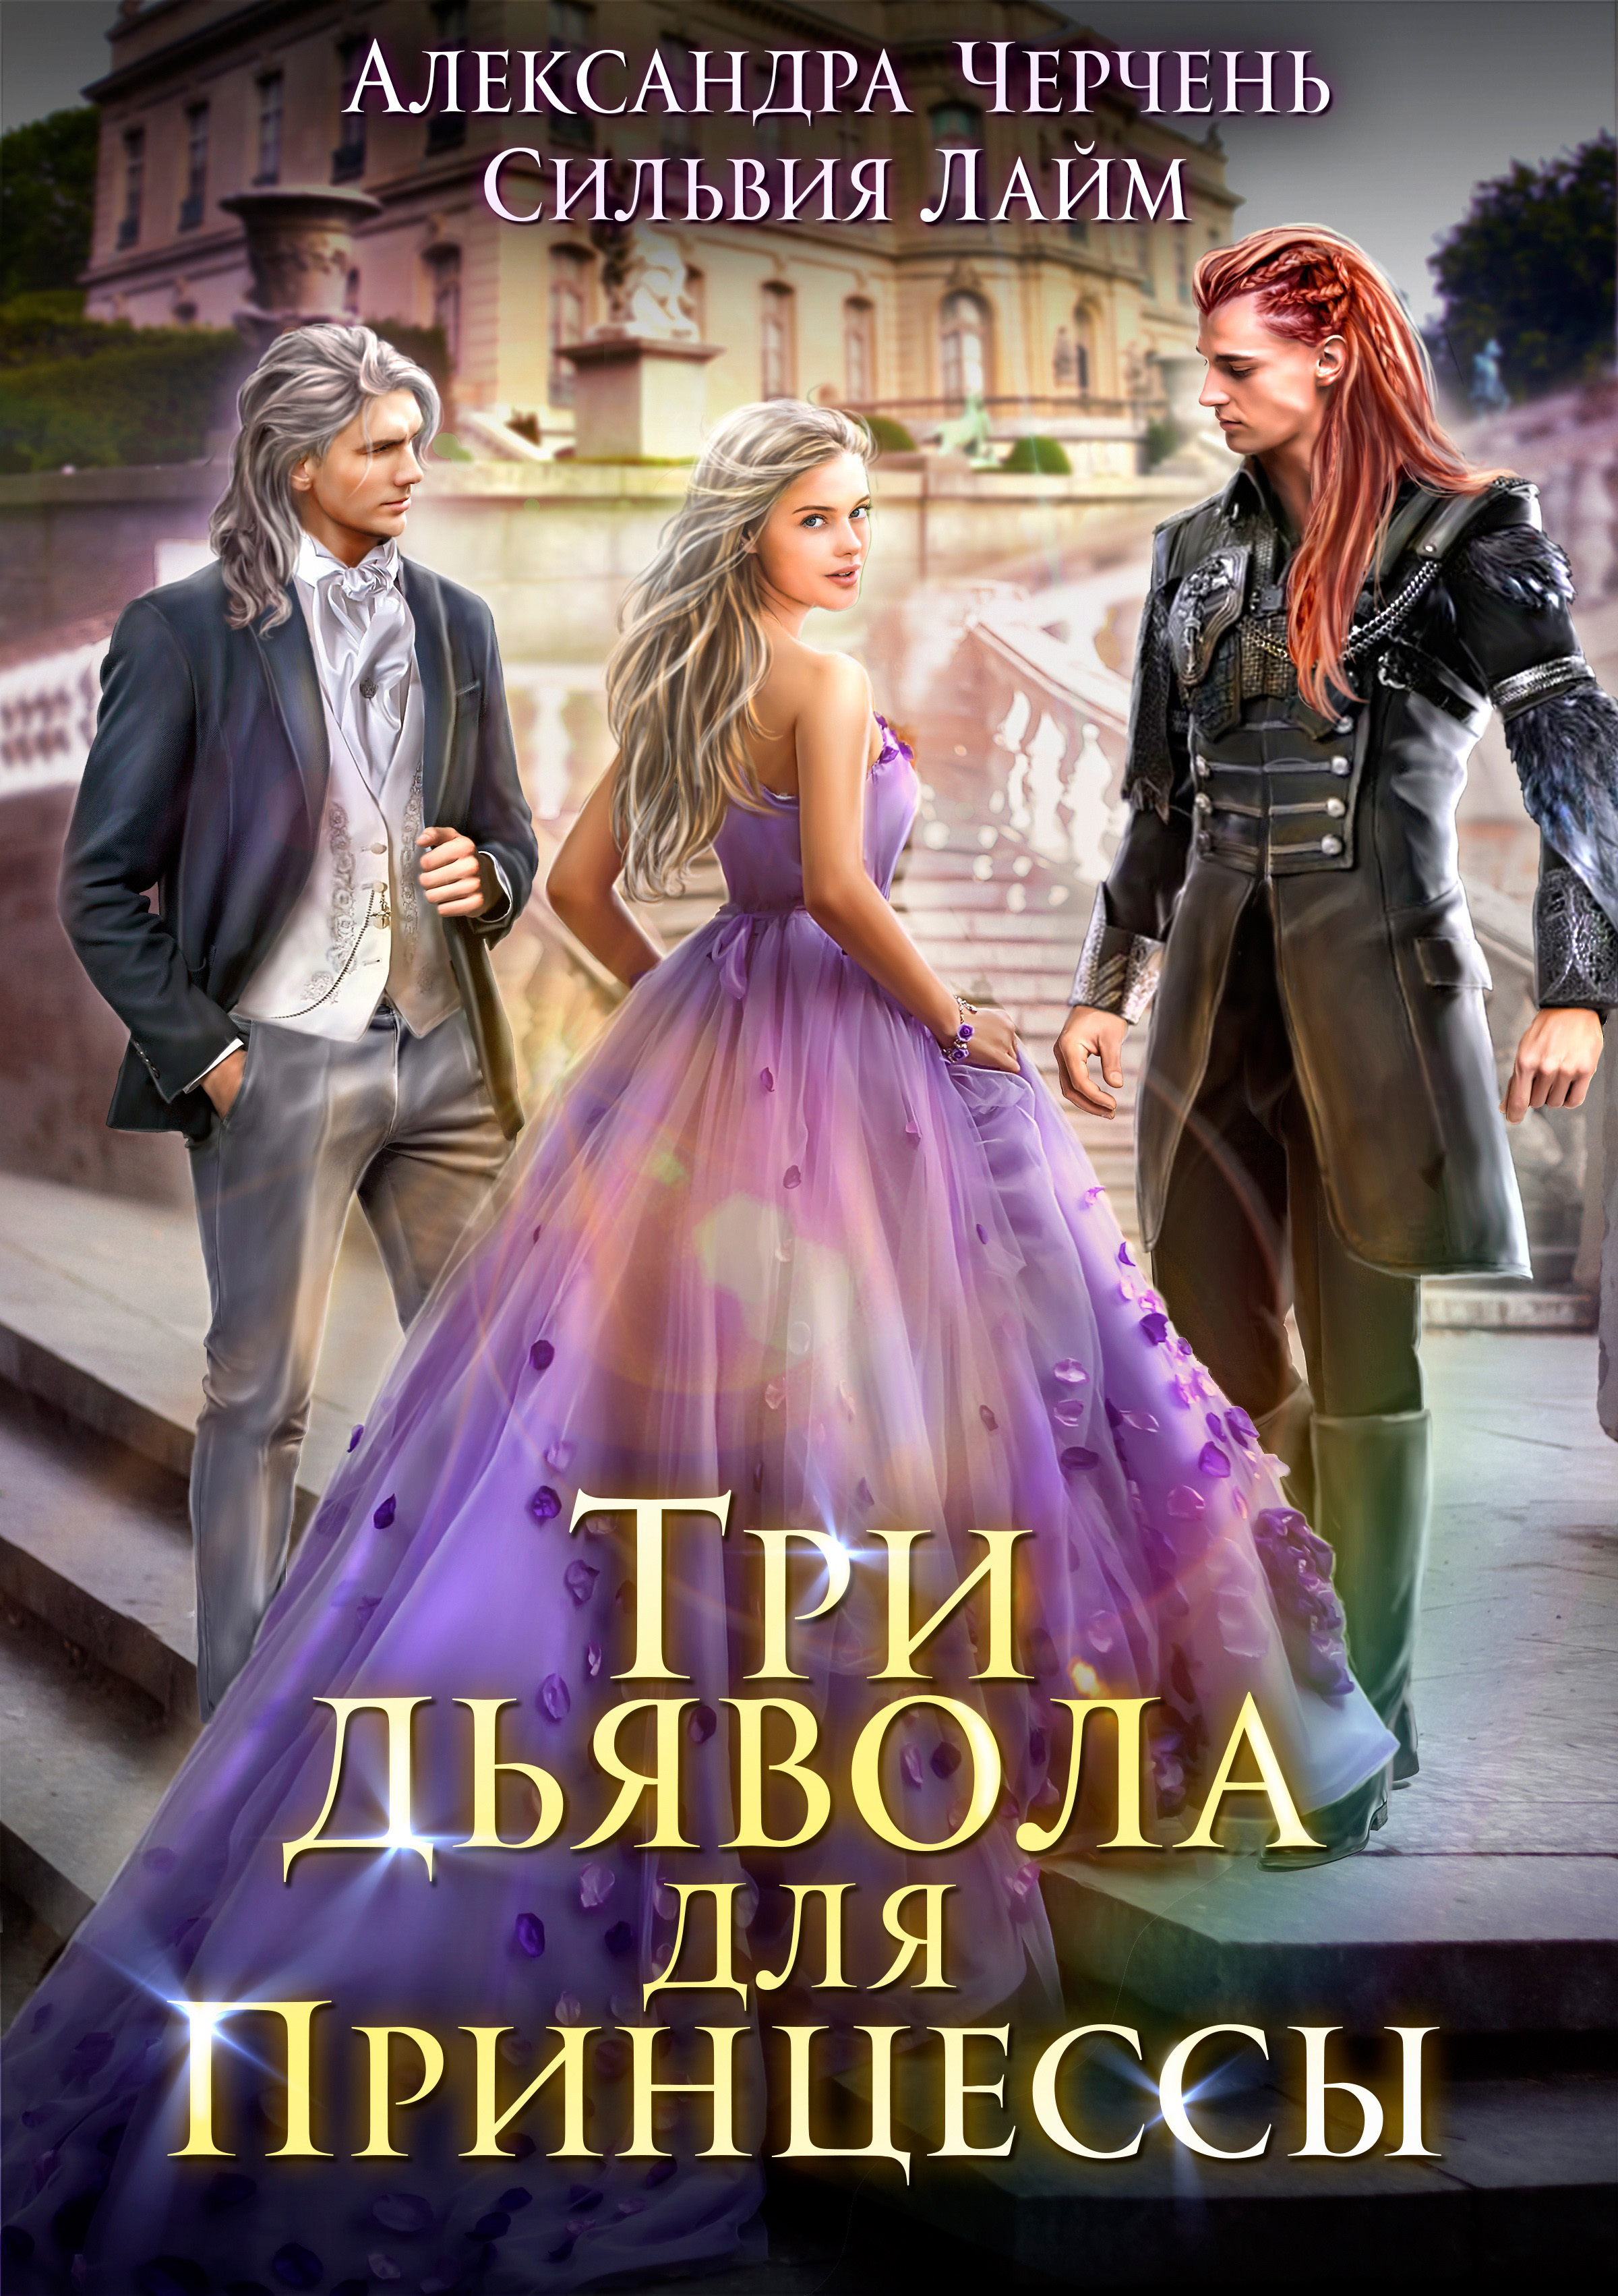 Александра Черчень - Три дьявола для принцессы